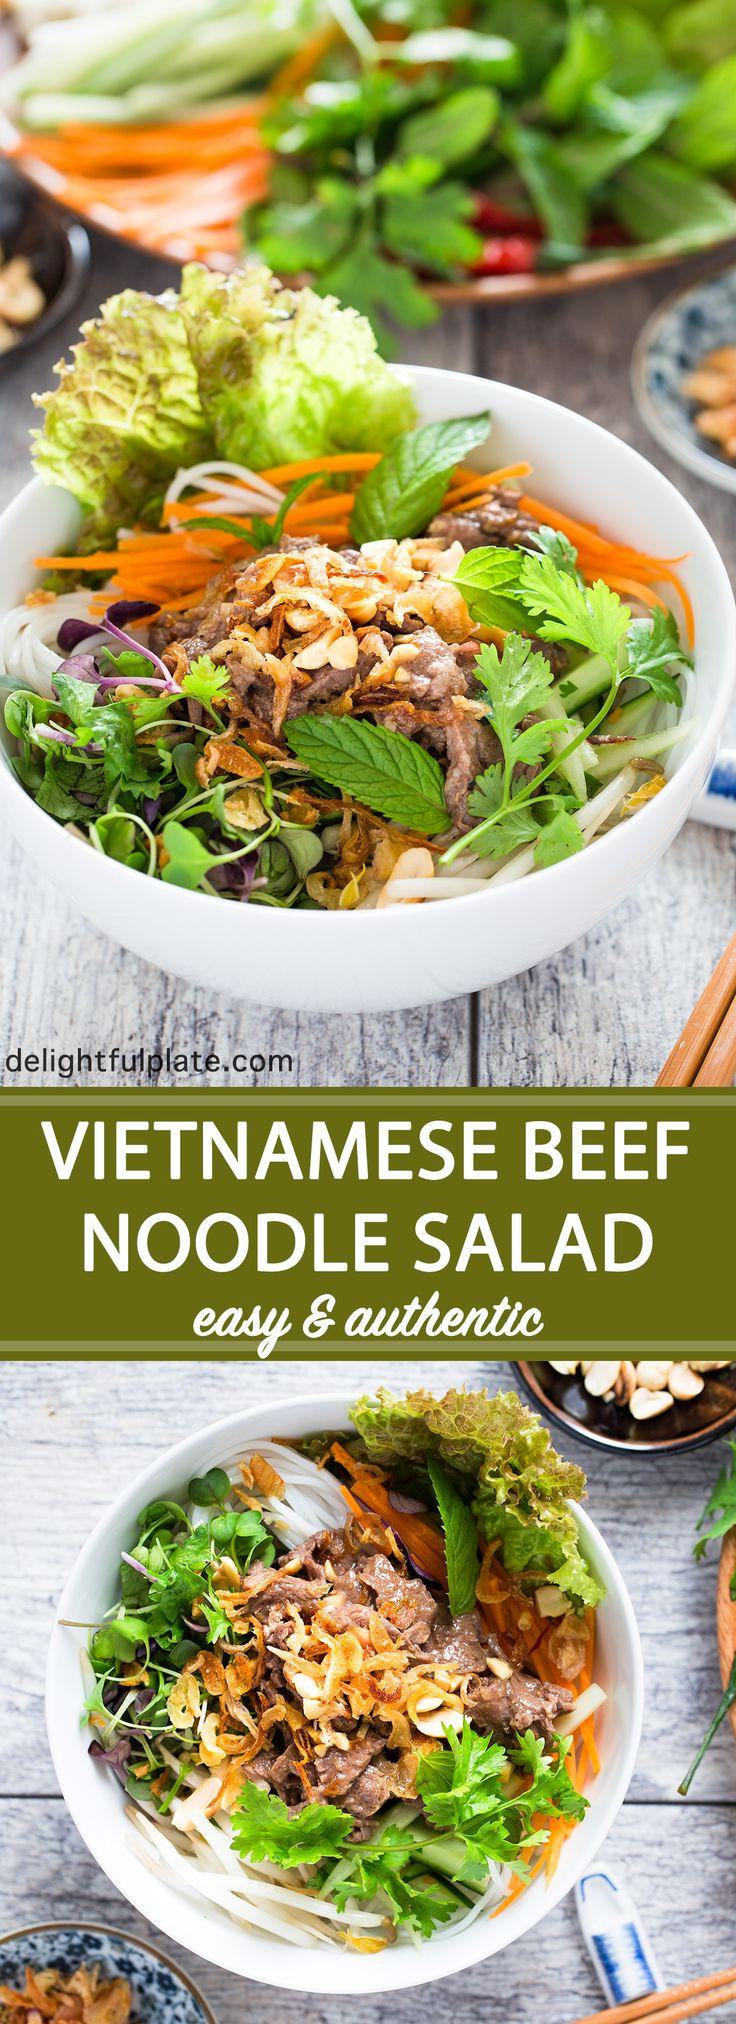 The 25+ best Vietnamese noodle salad ideas on Pinterest ...